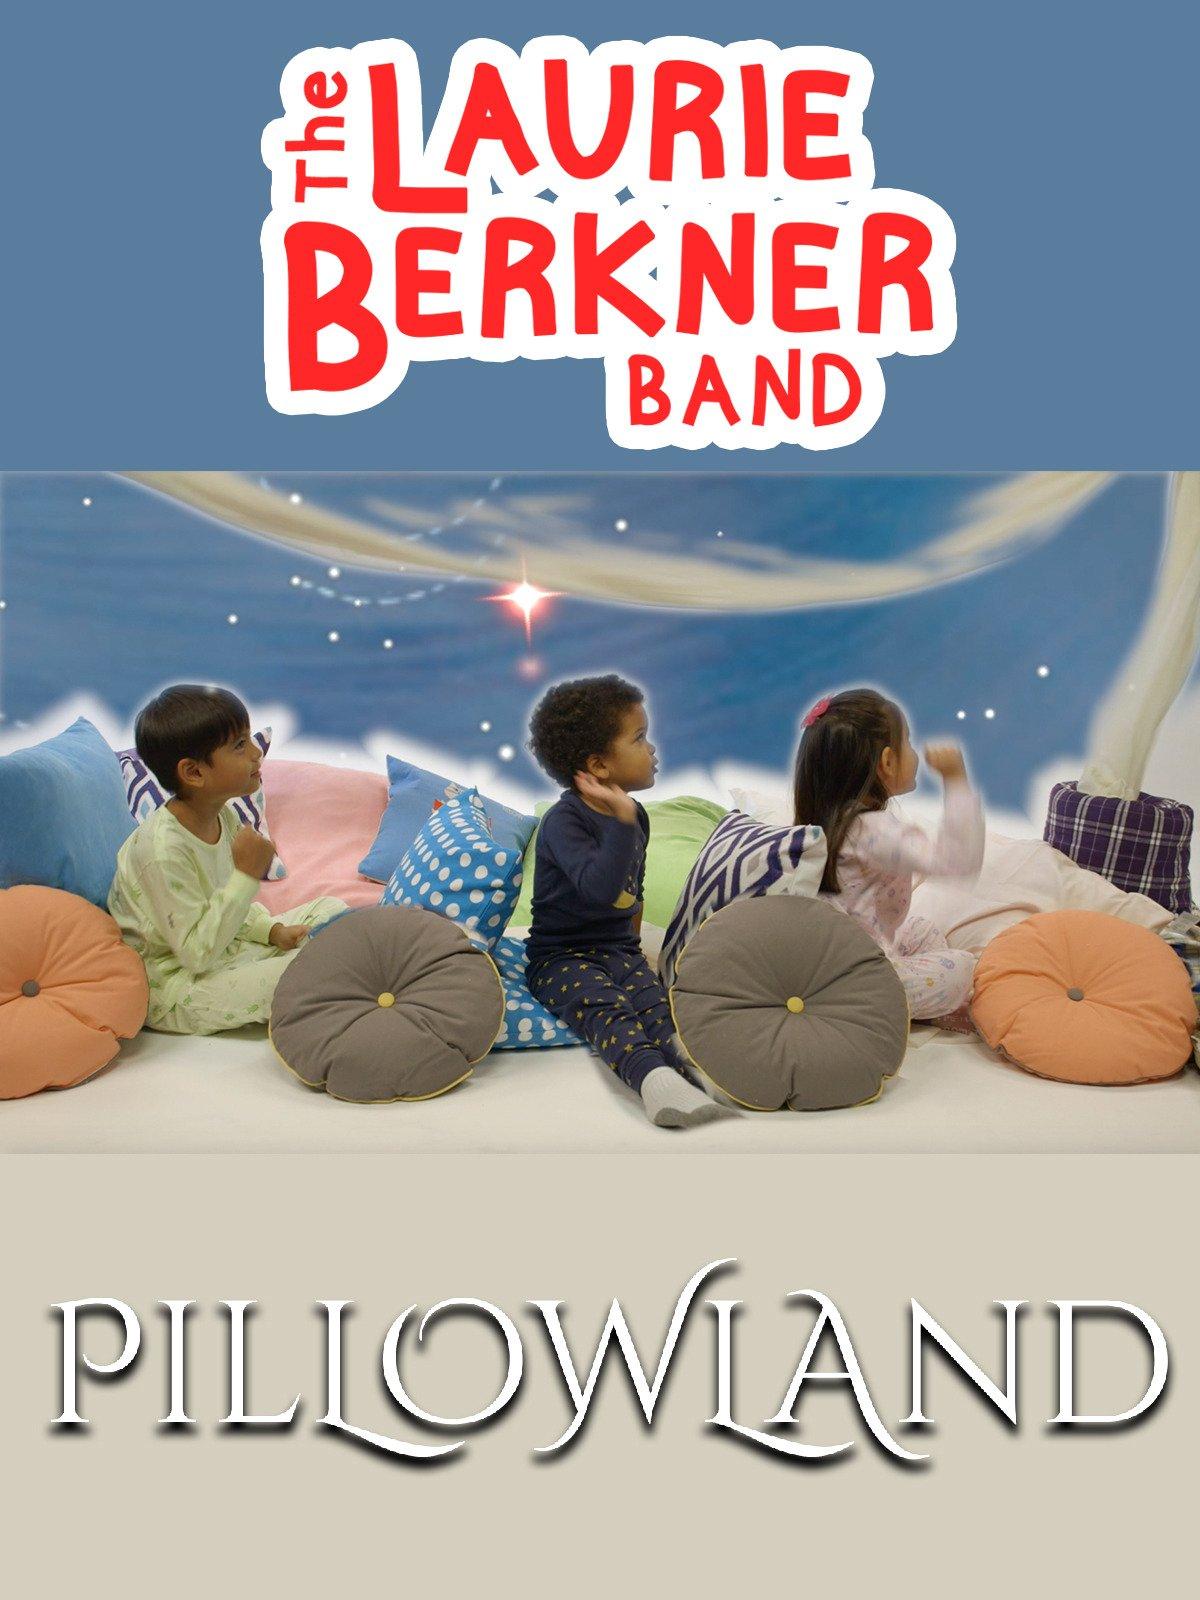 Pillowland